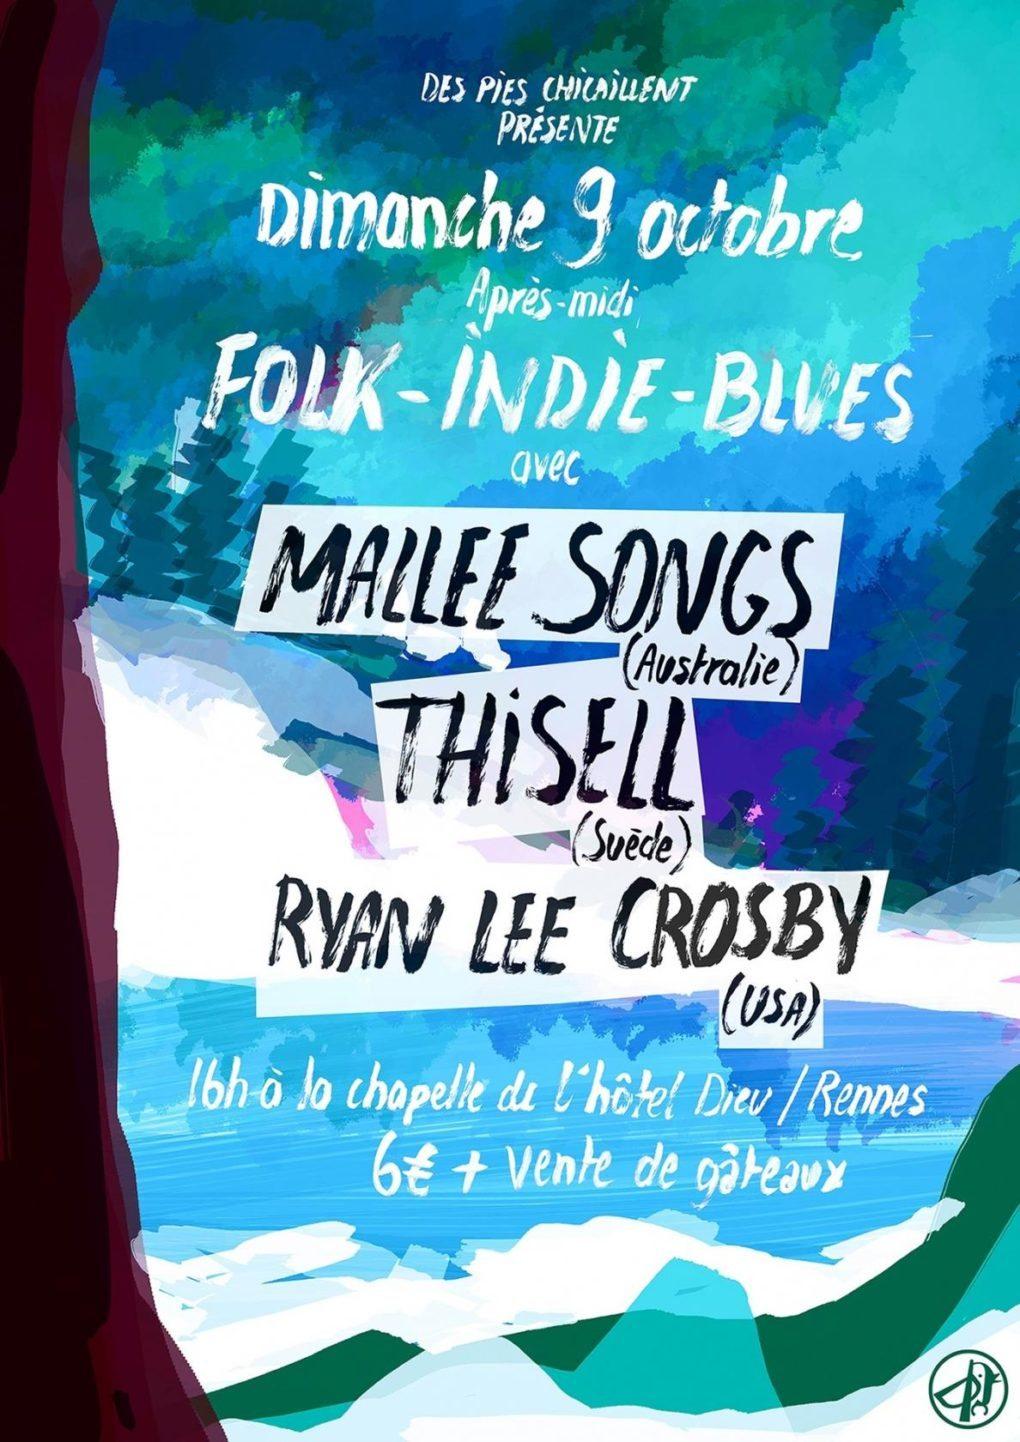 Mallee Songs, Thisell et Ryan Lee Crosby Rennes